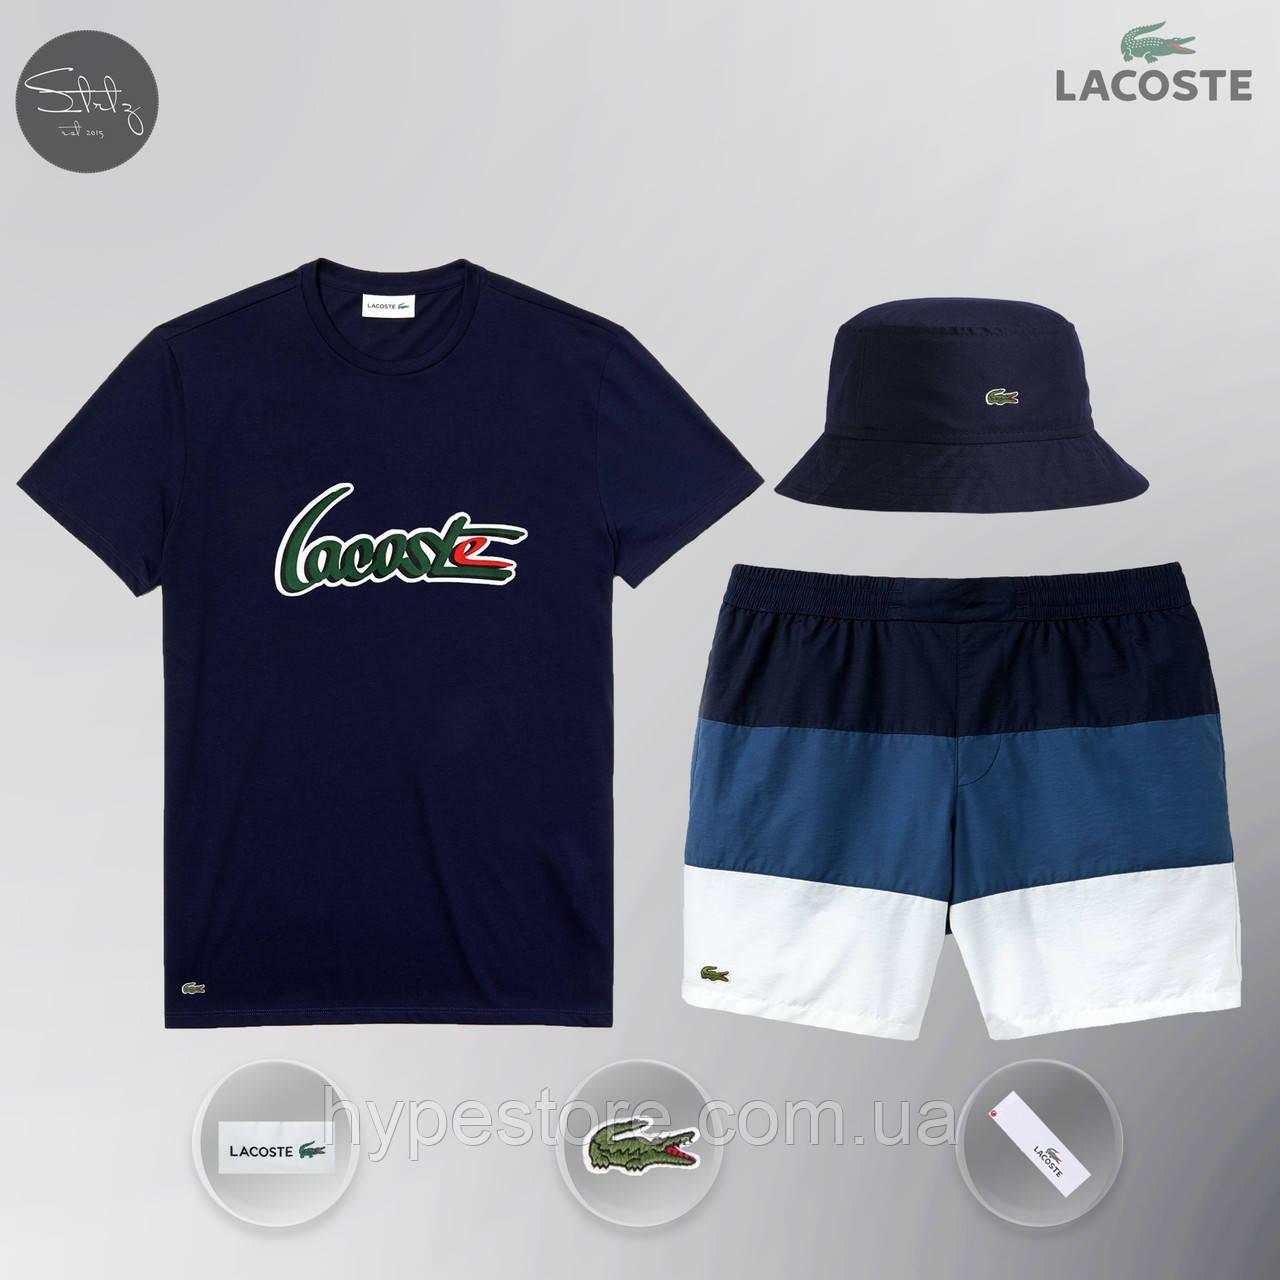 Летний мужской спортивный костюм, мужской пляжный комплект Lacoste, футболка, панама, ТОП-Реплика